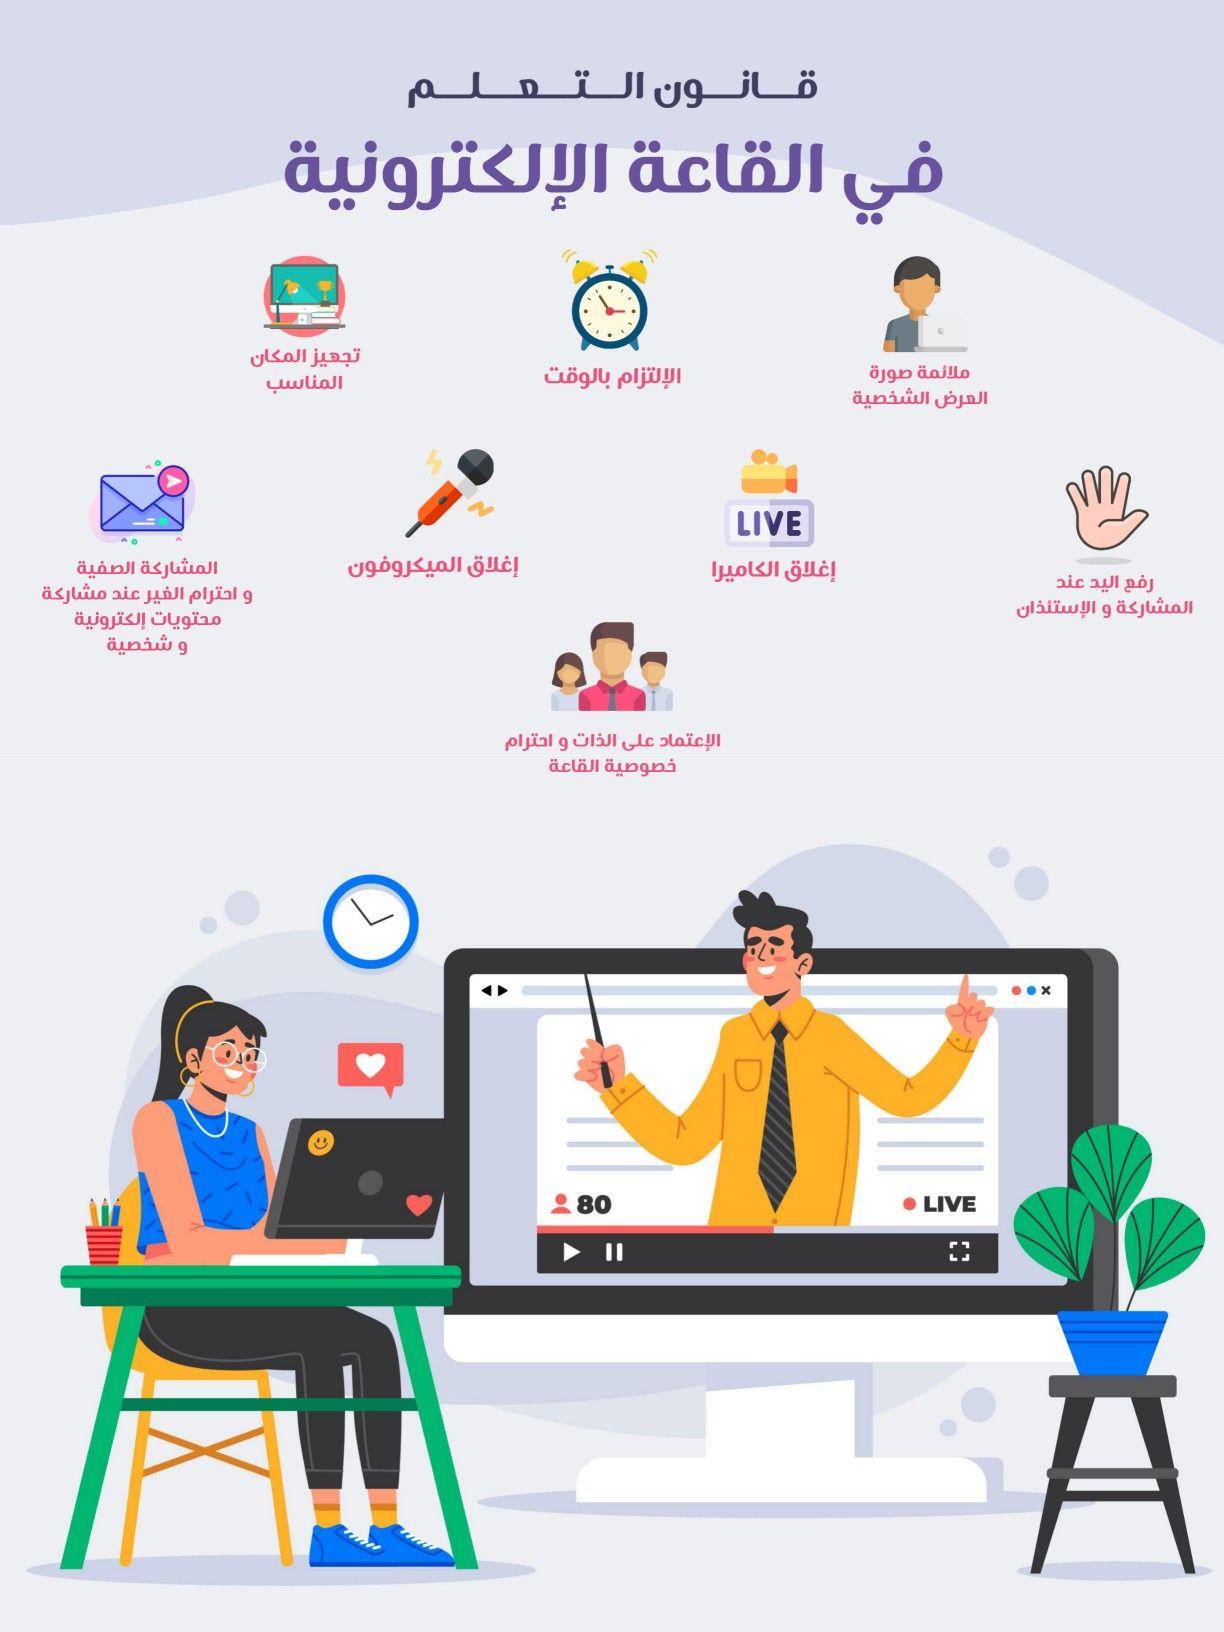 قانون التعلم في القاعة الإلكترونية Design Graphic Design Graphic